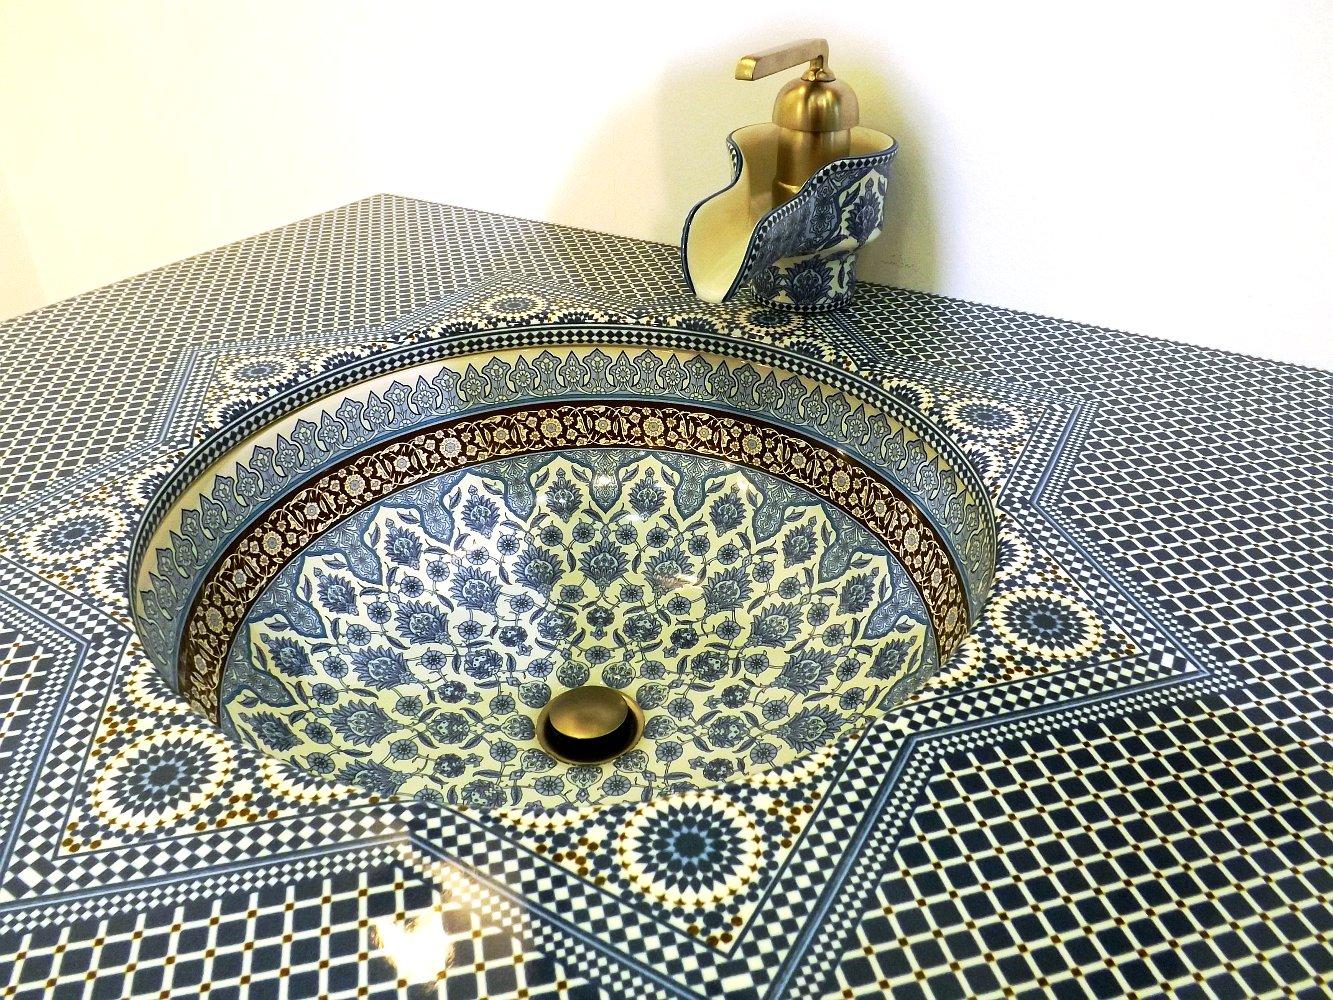 Фрагмент керамической раковины со столешницей и смесителем Marrakesh от Kohler на выставке МосБилд 2014